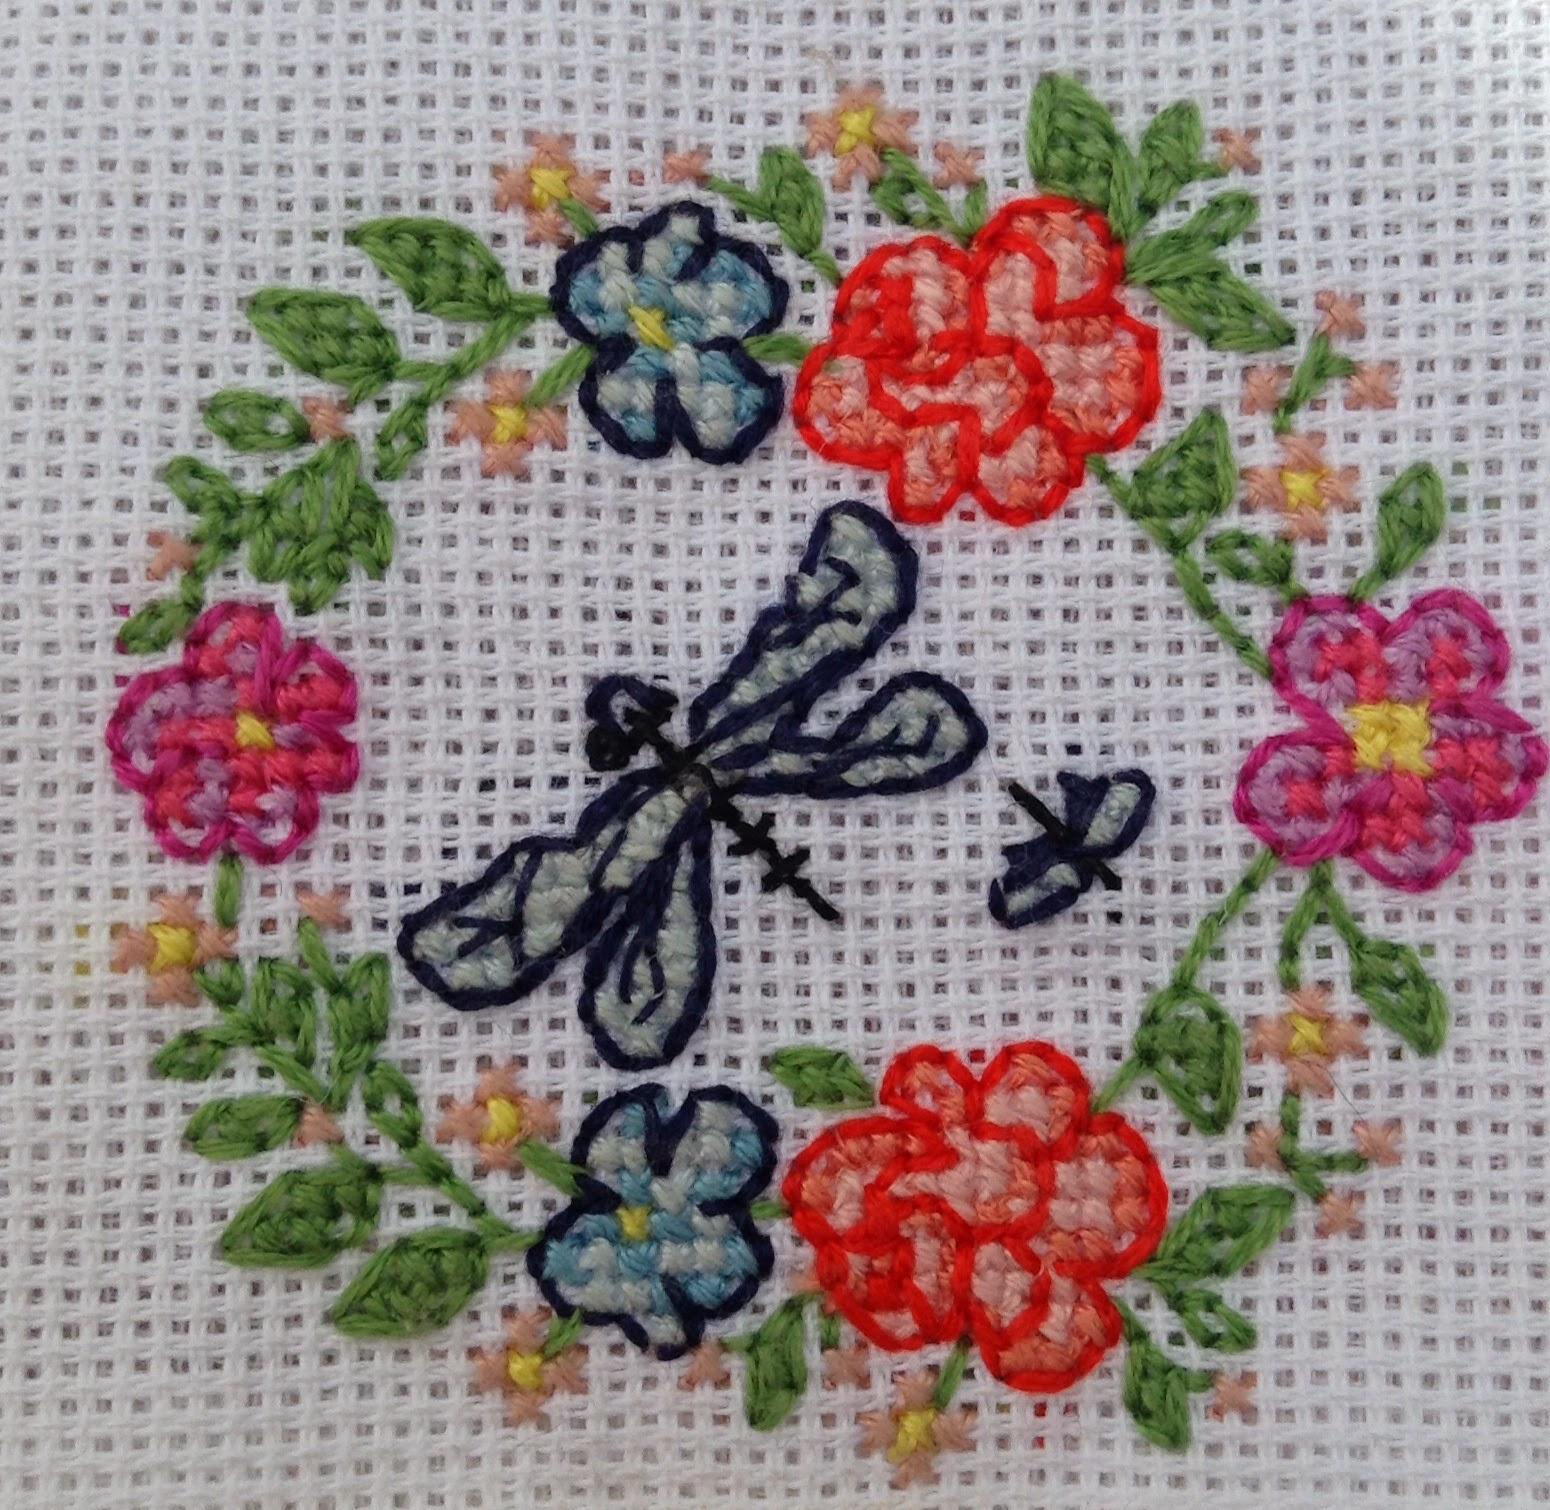 broderie point de croix libellule fleurs